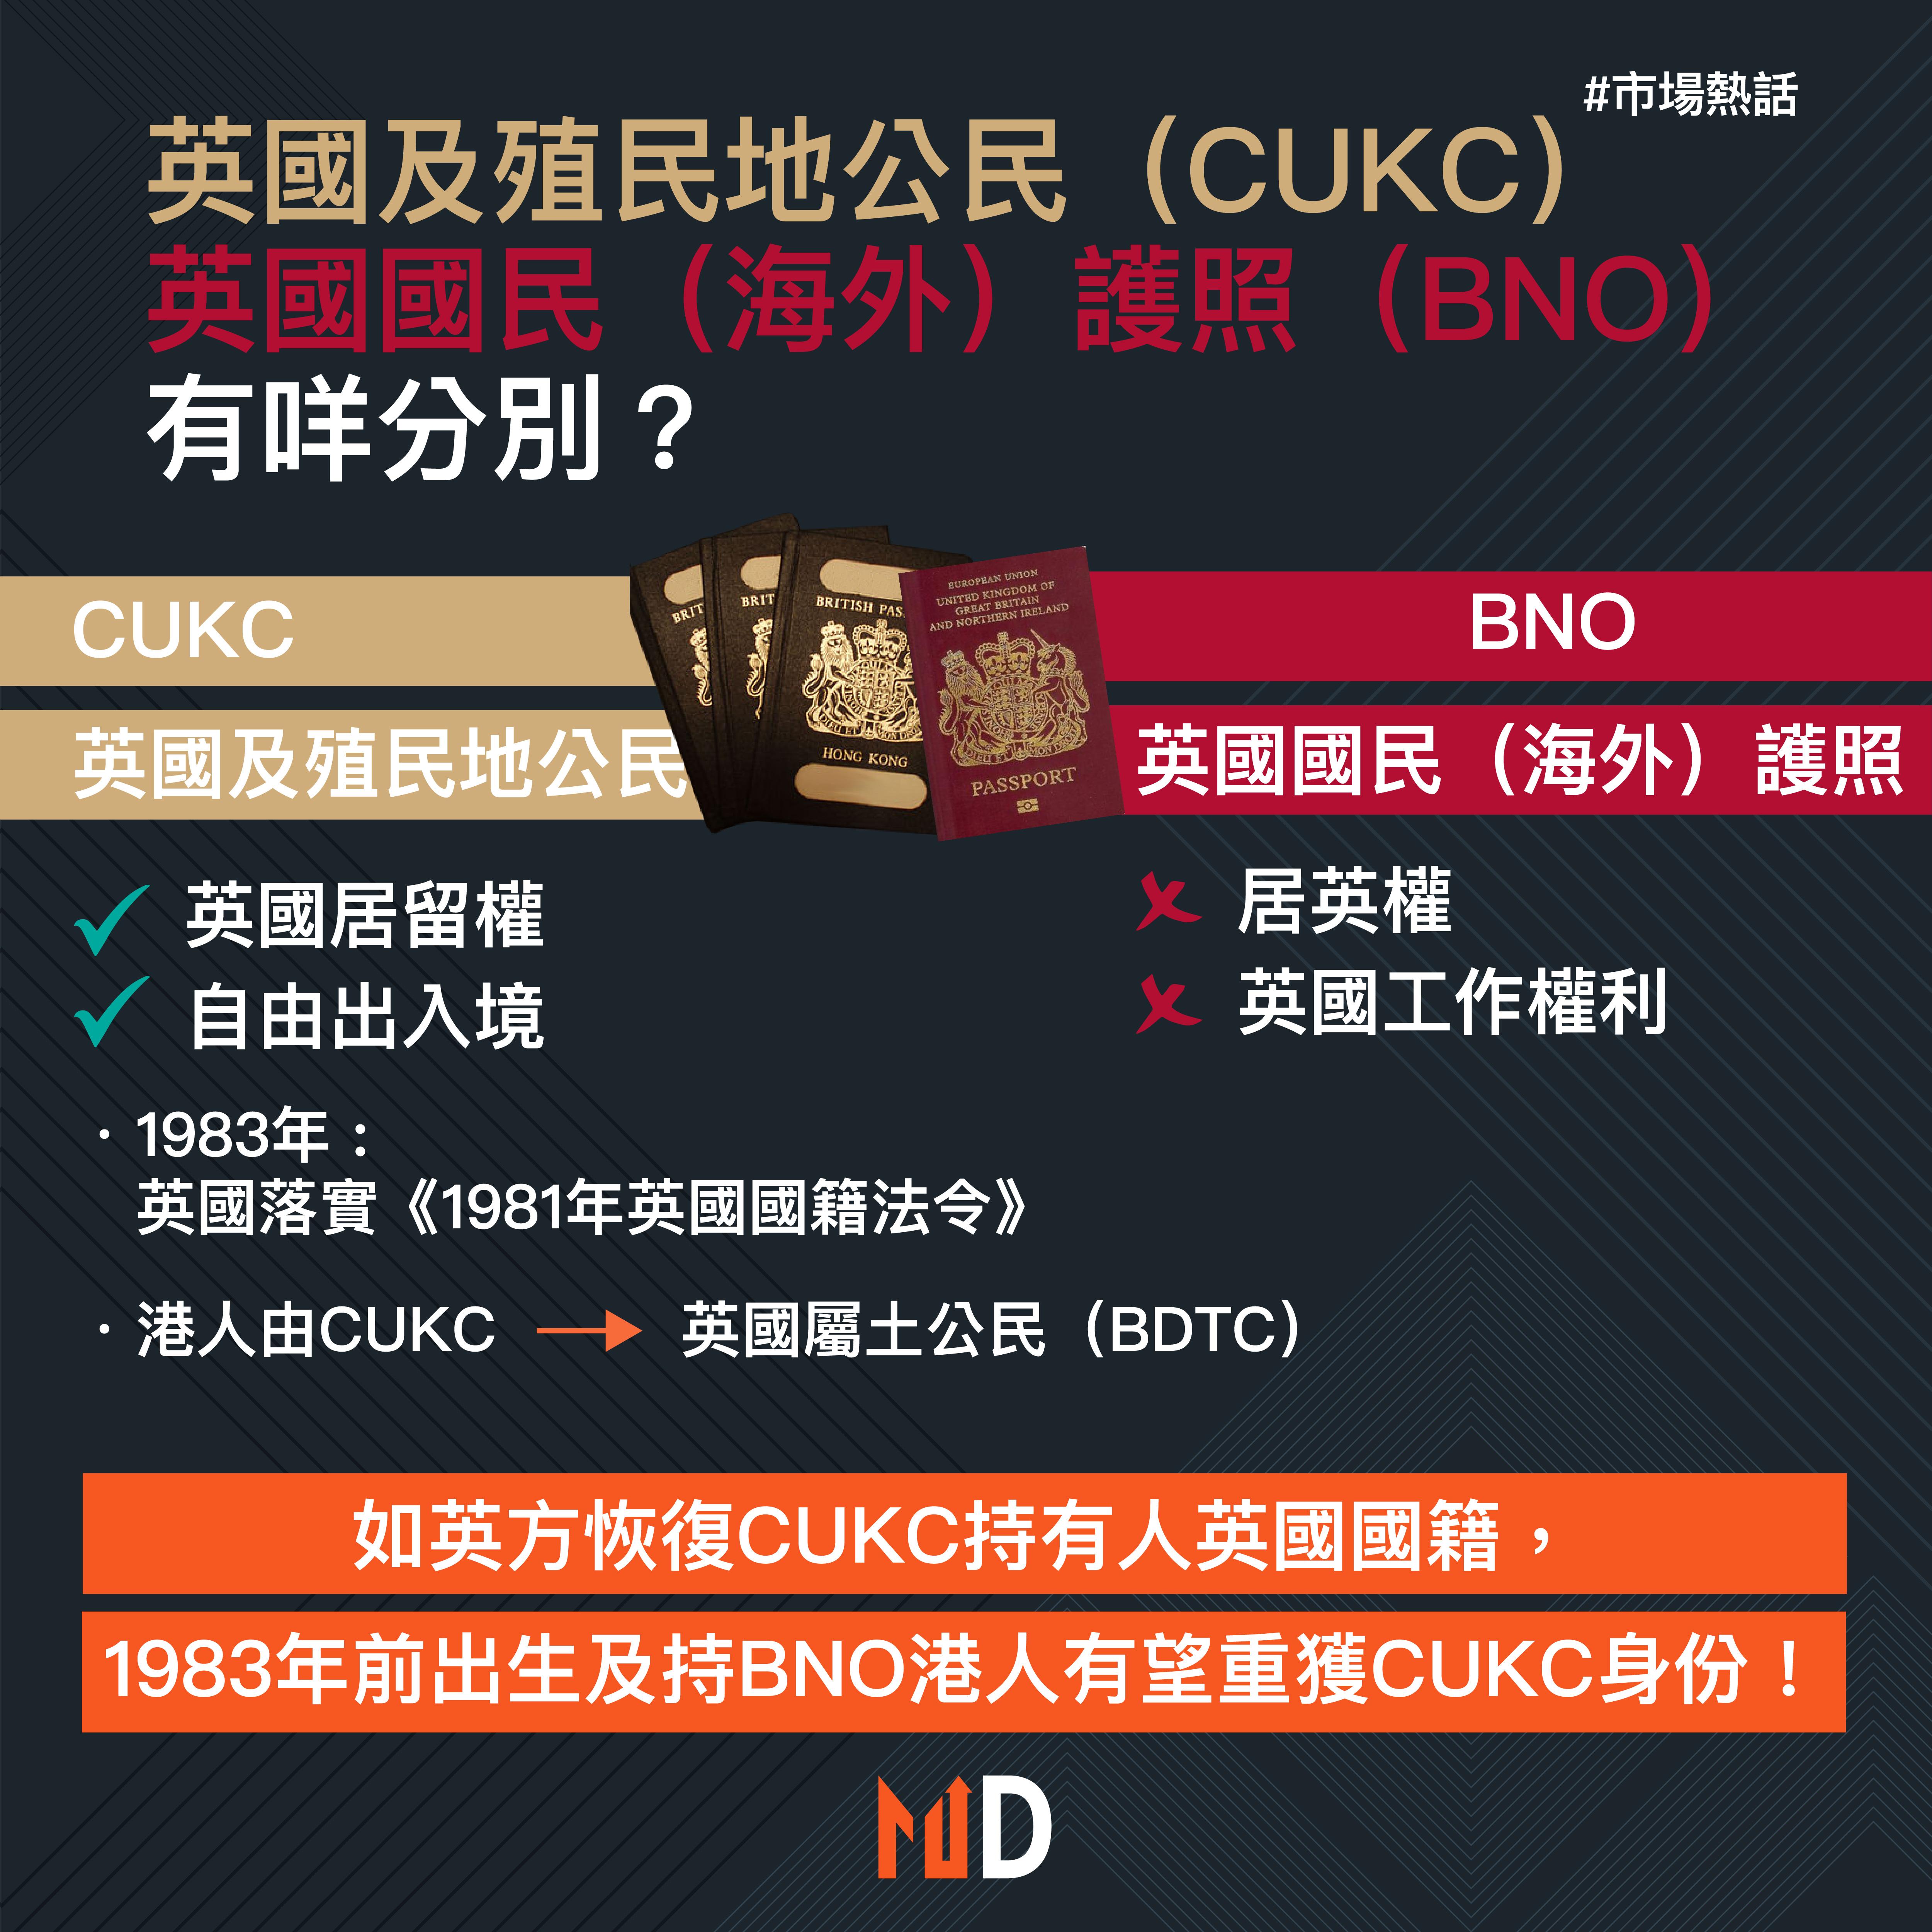 【不如住呢度】英人權組織:曾擁CUKC身份持有BNO或重獲居英權! 到底CUKC及BNO有咩分別?